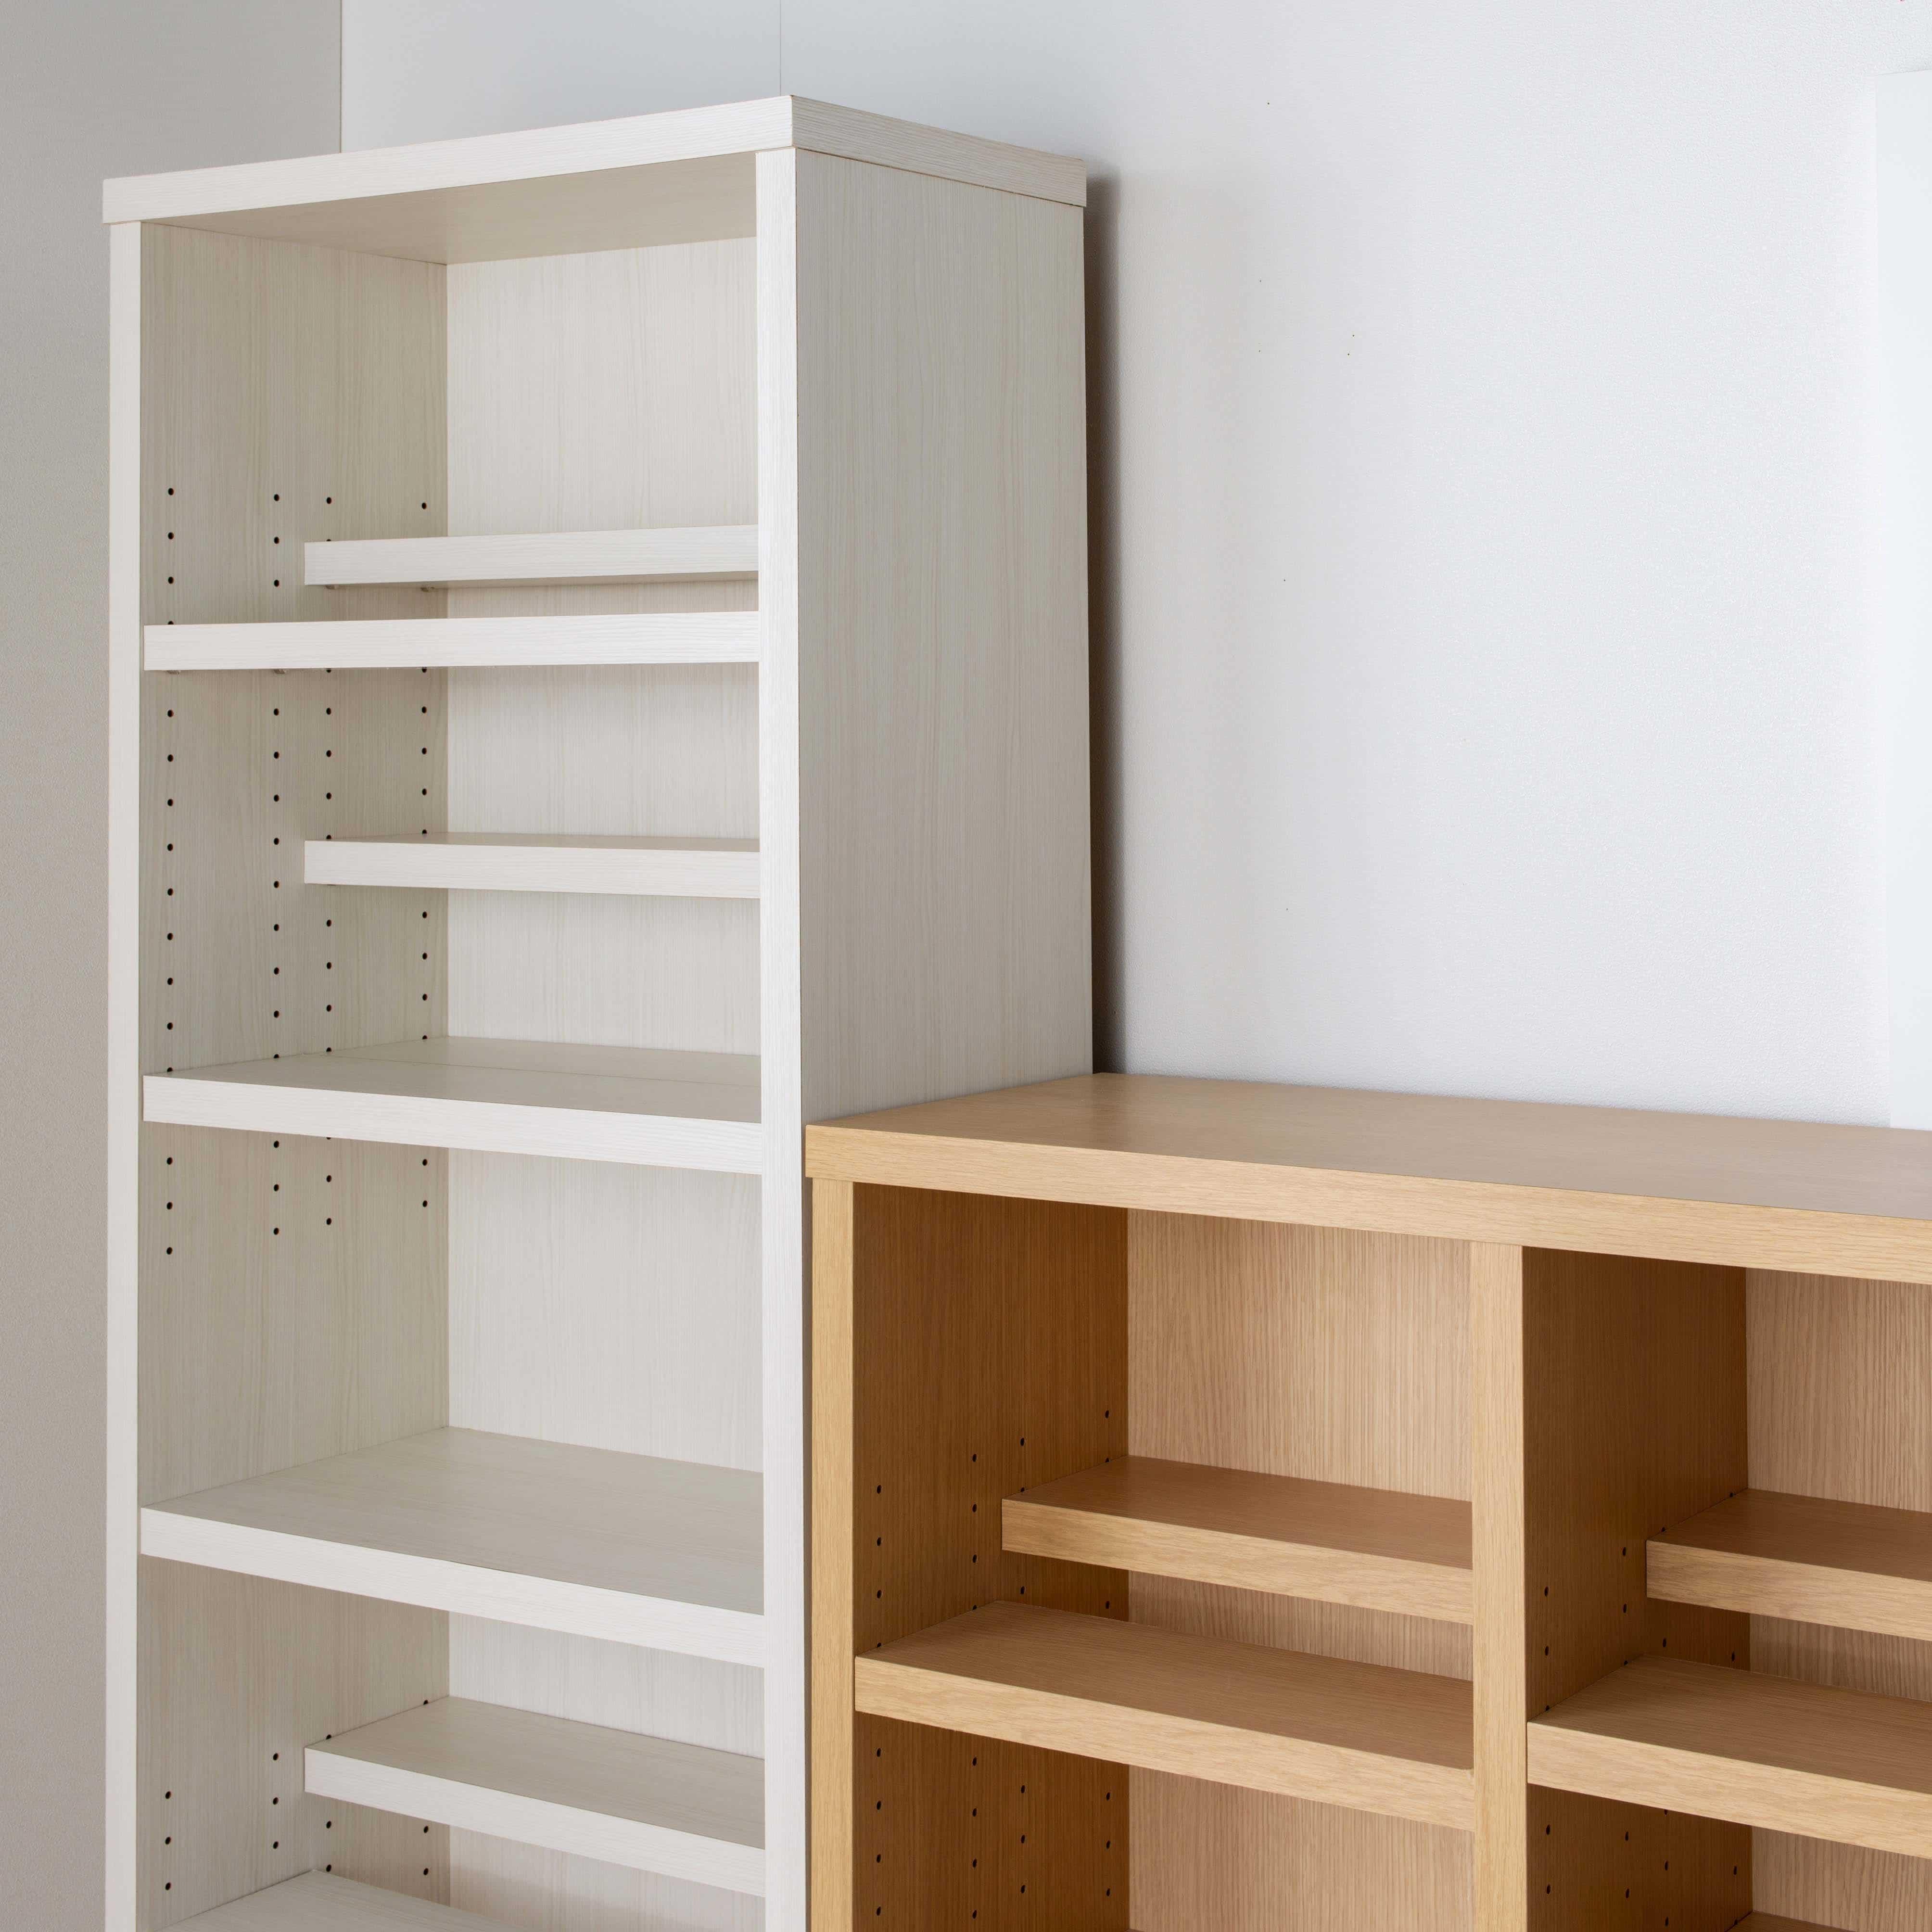 書棚 スカーラ 60Hフリーボード (ダークブラウン):ロータイプはサイドボードとしても使用可能